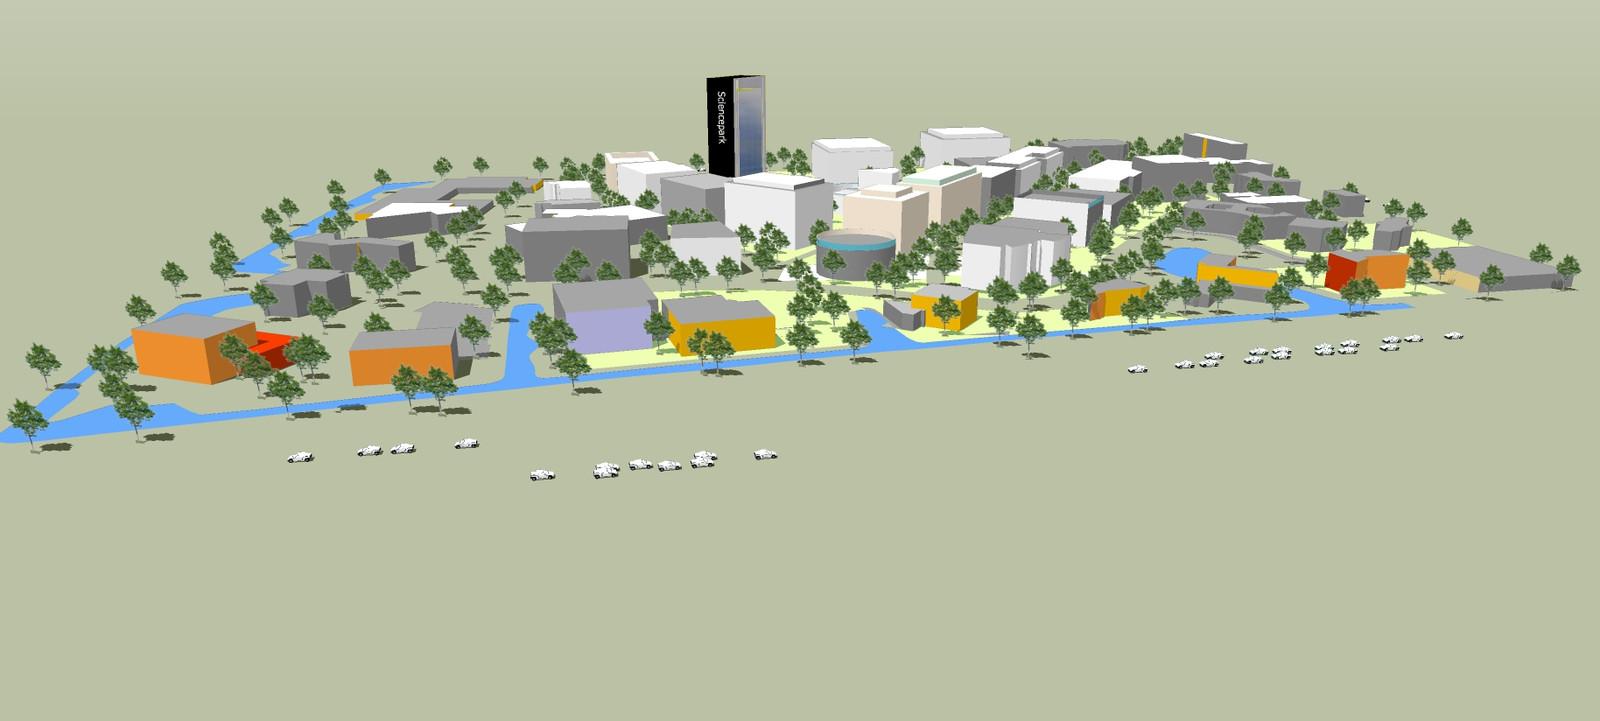 In de toekomst moet het Science Park een duidelijk centrum krijgen met een 'markant gebouw'.